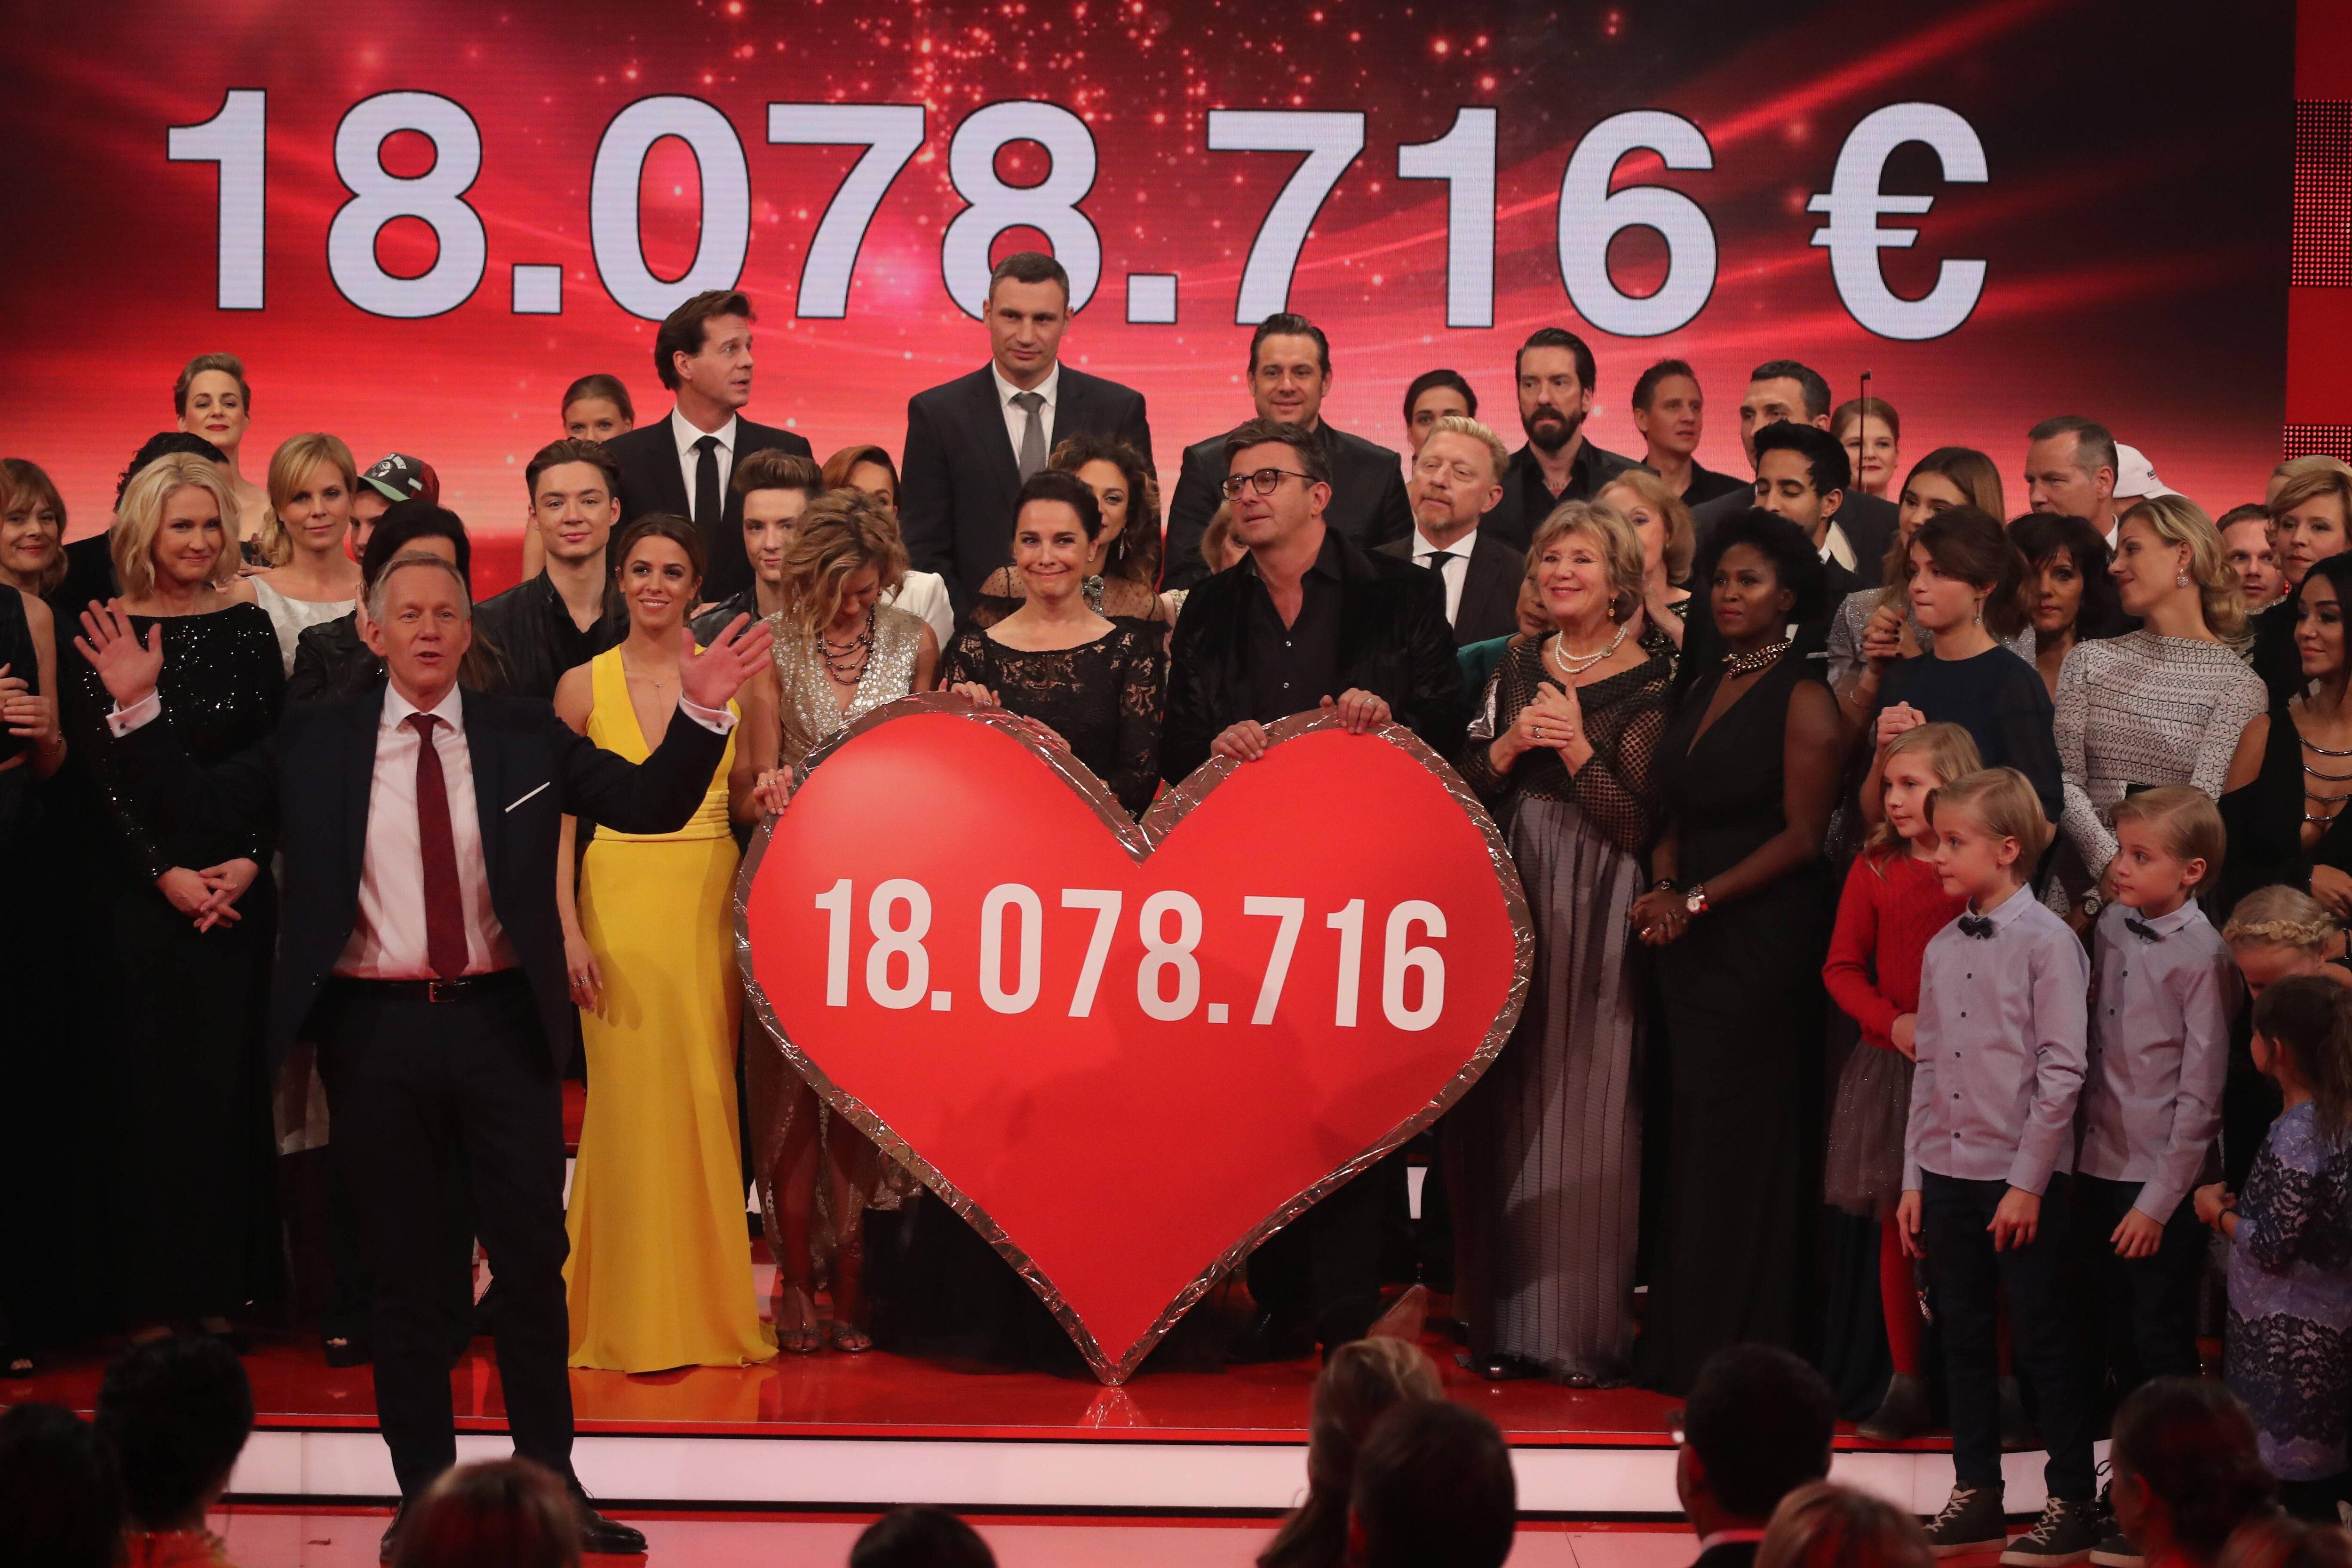 """""""Ein Herz fŸür Kinder"""" - Gala / EHfK Berlin 03.12.2016 - 18 Millionen Euro gespendet © F-o-t-o-g-r-a-f / Ein Herz füŸr Kinder"""